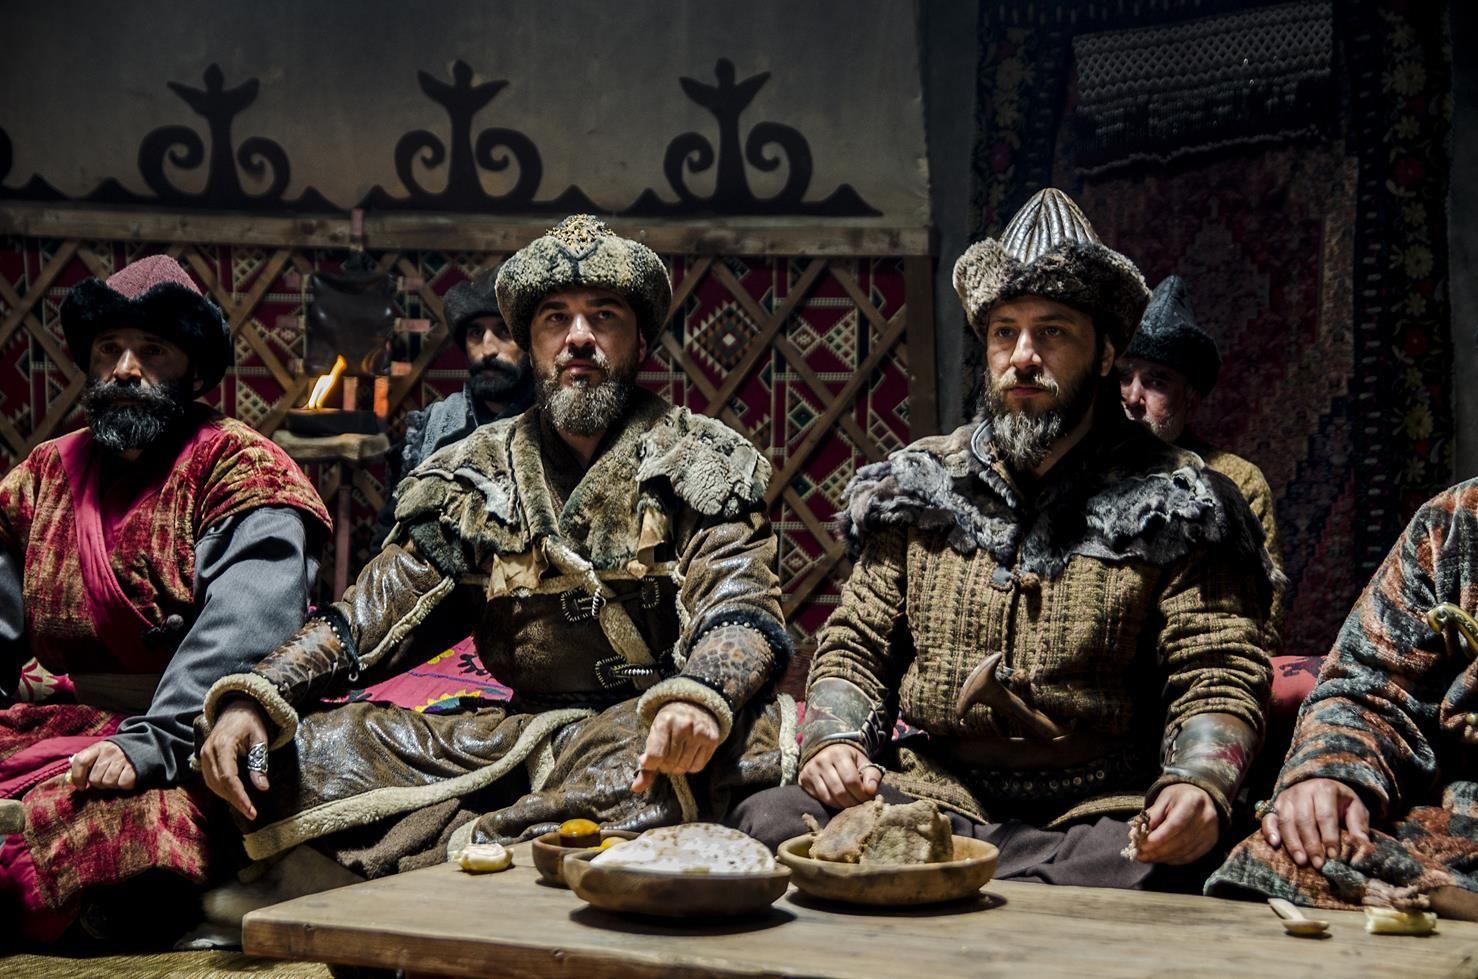 Воссоздание периода существования Османской империи по турецким сериалам